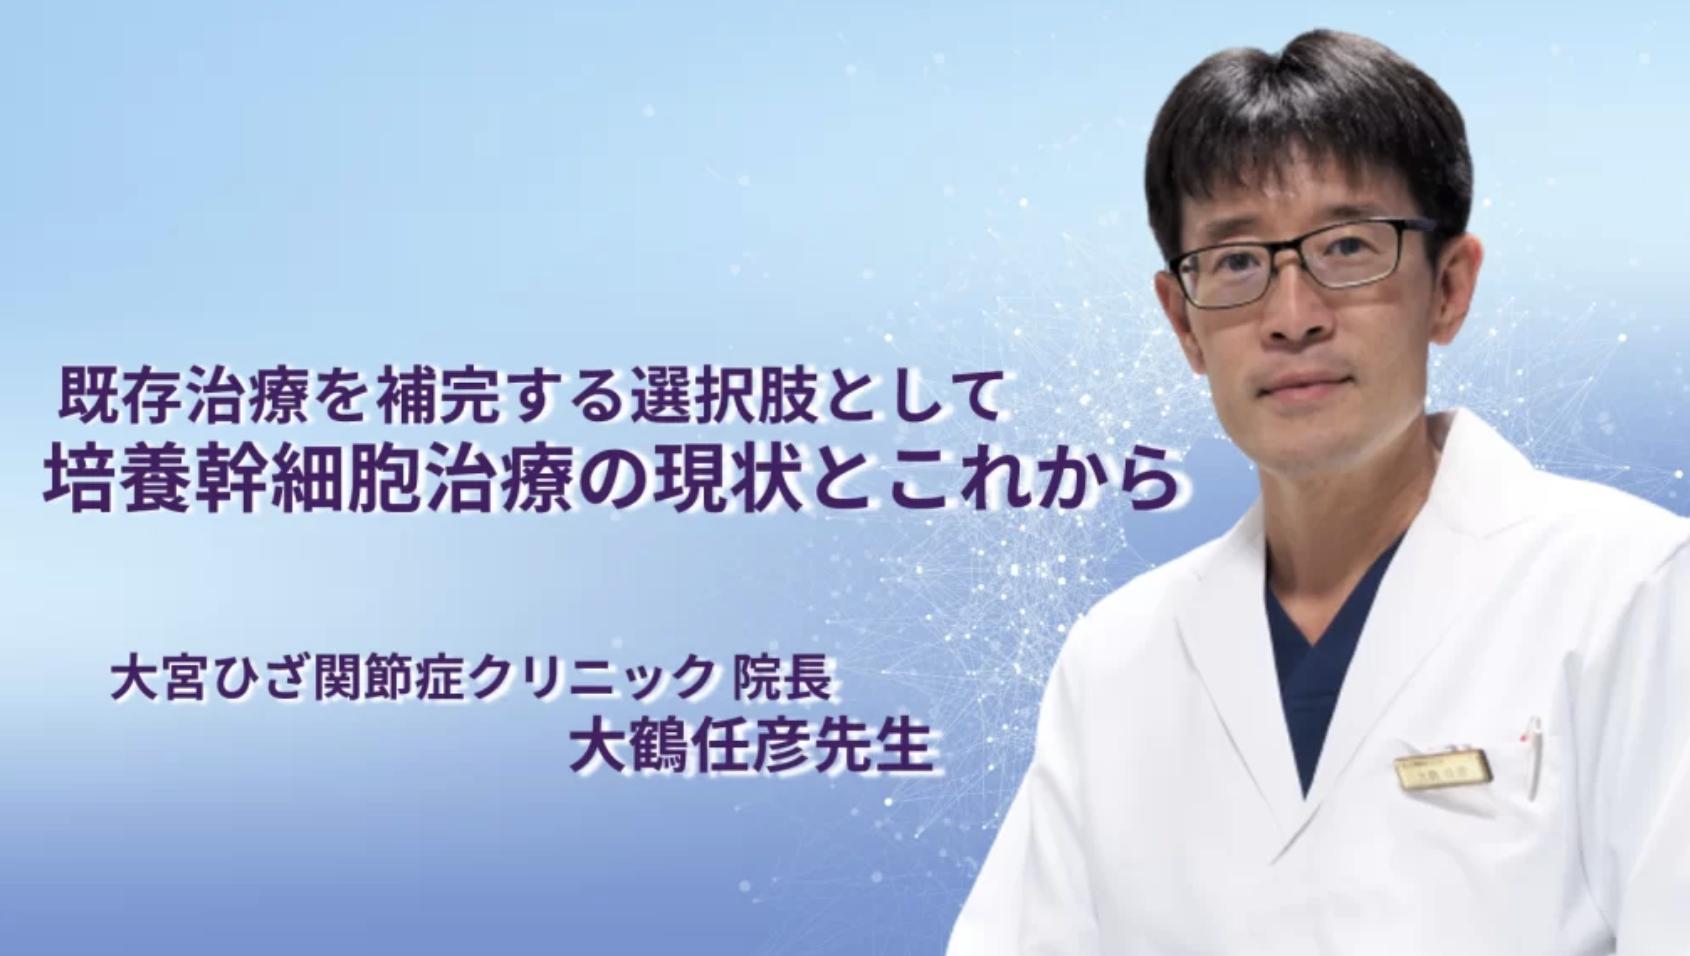 「自費研Online」に大鶴院長のインタビュー記事が掲載されました